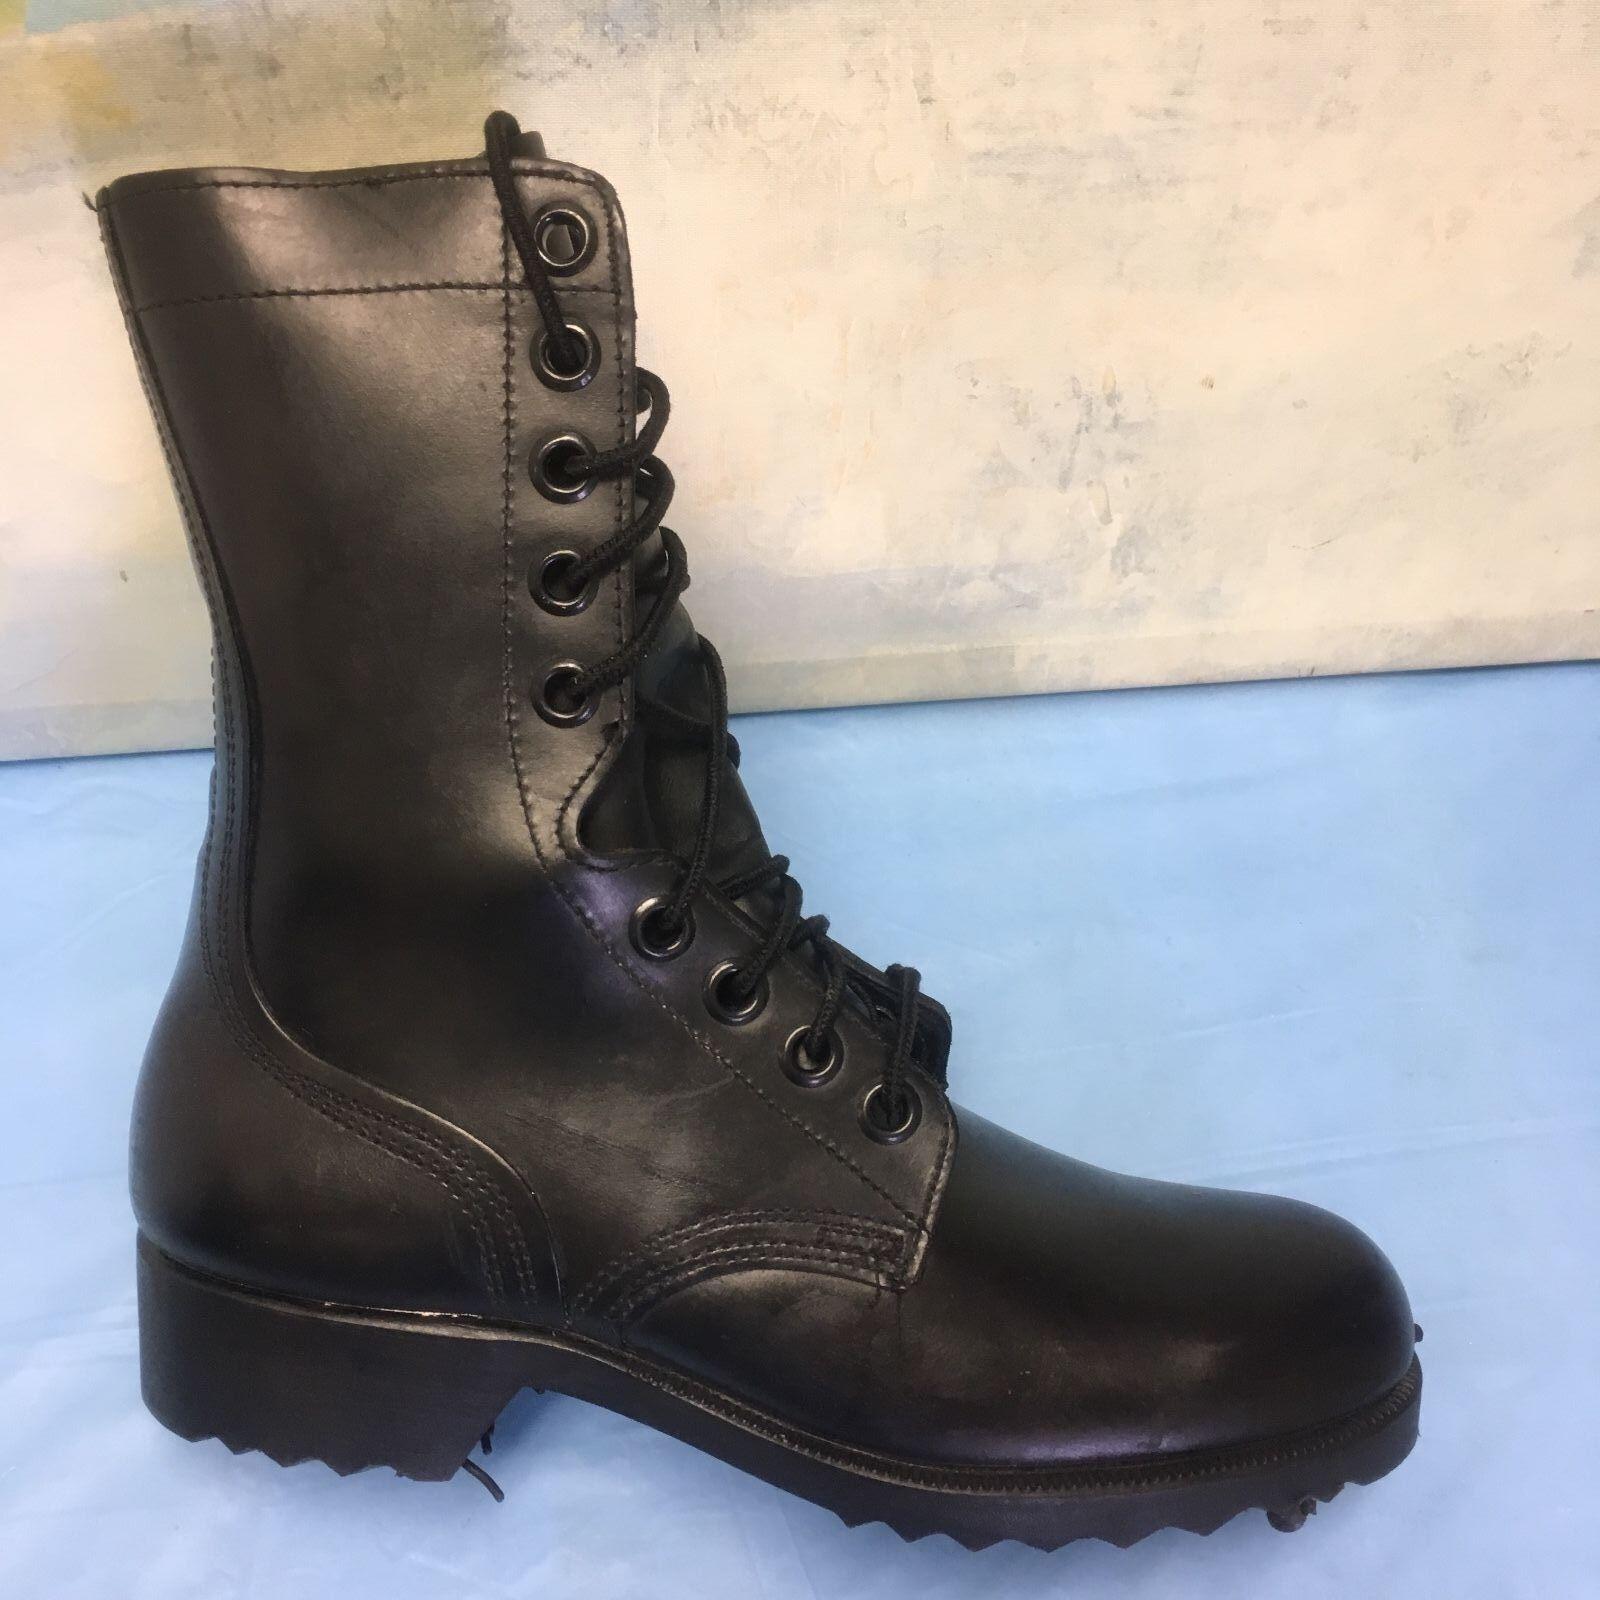 Señoras de combate militar Ejército botas De Cuero Negro Tamaño 5 R 3-75